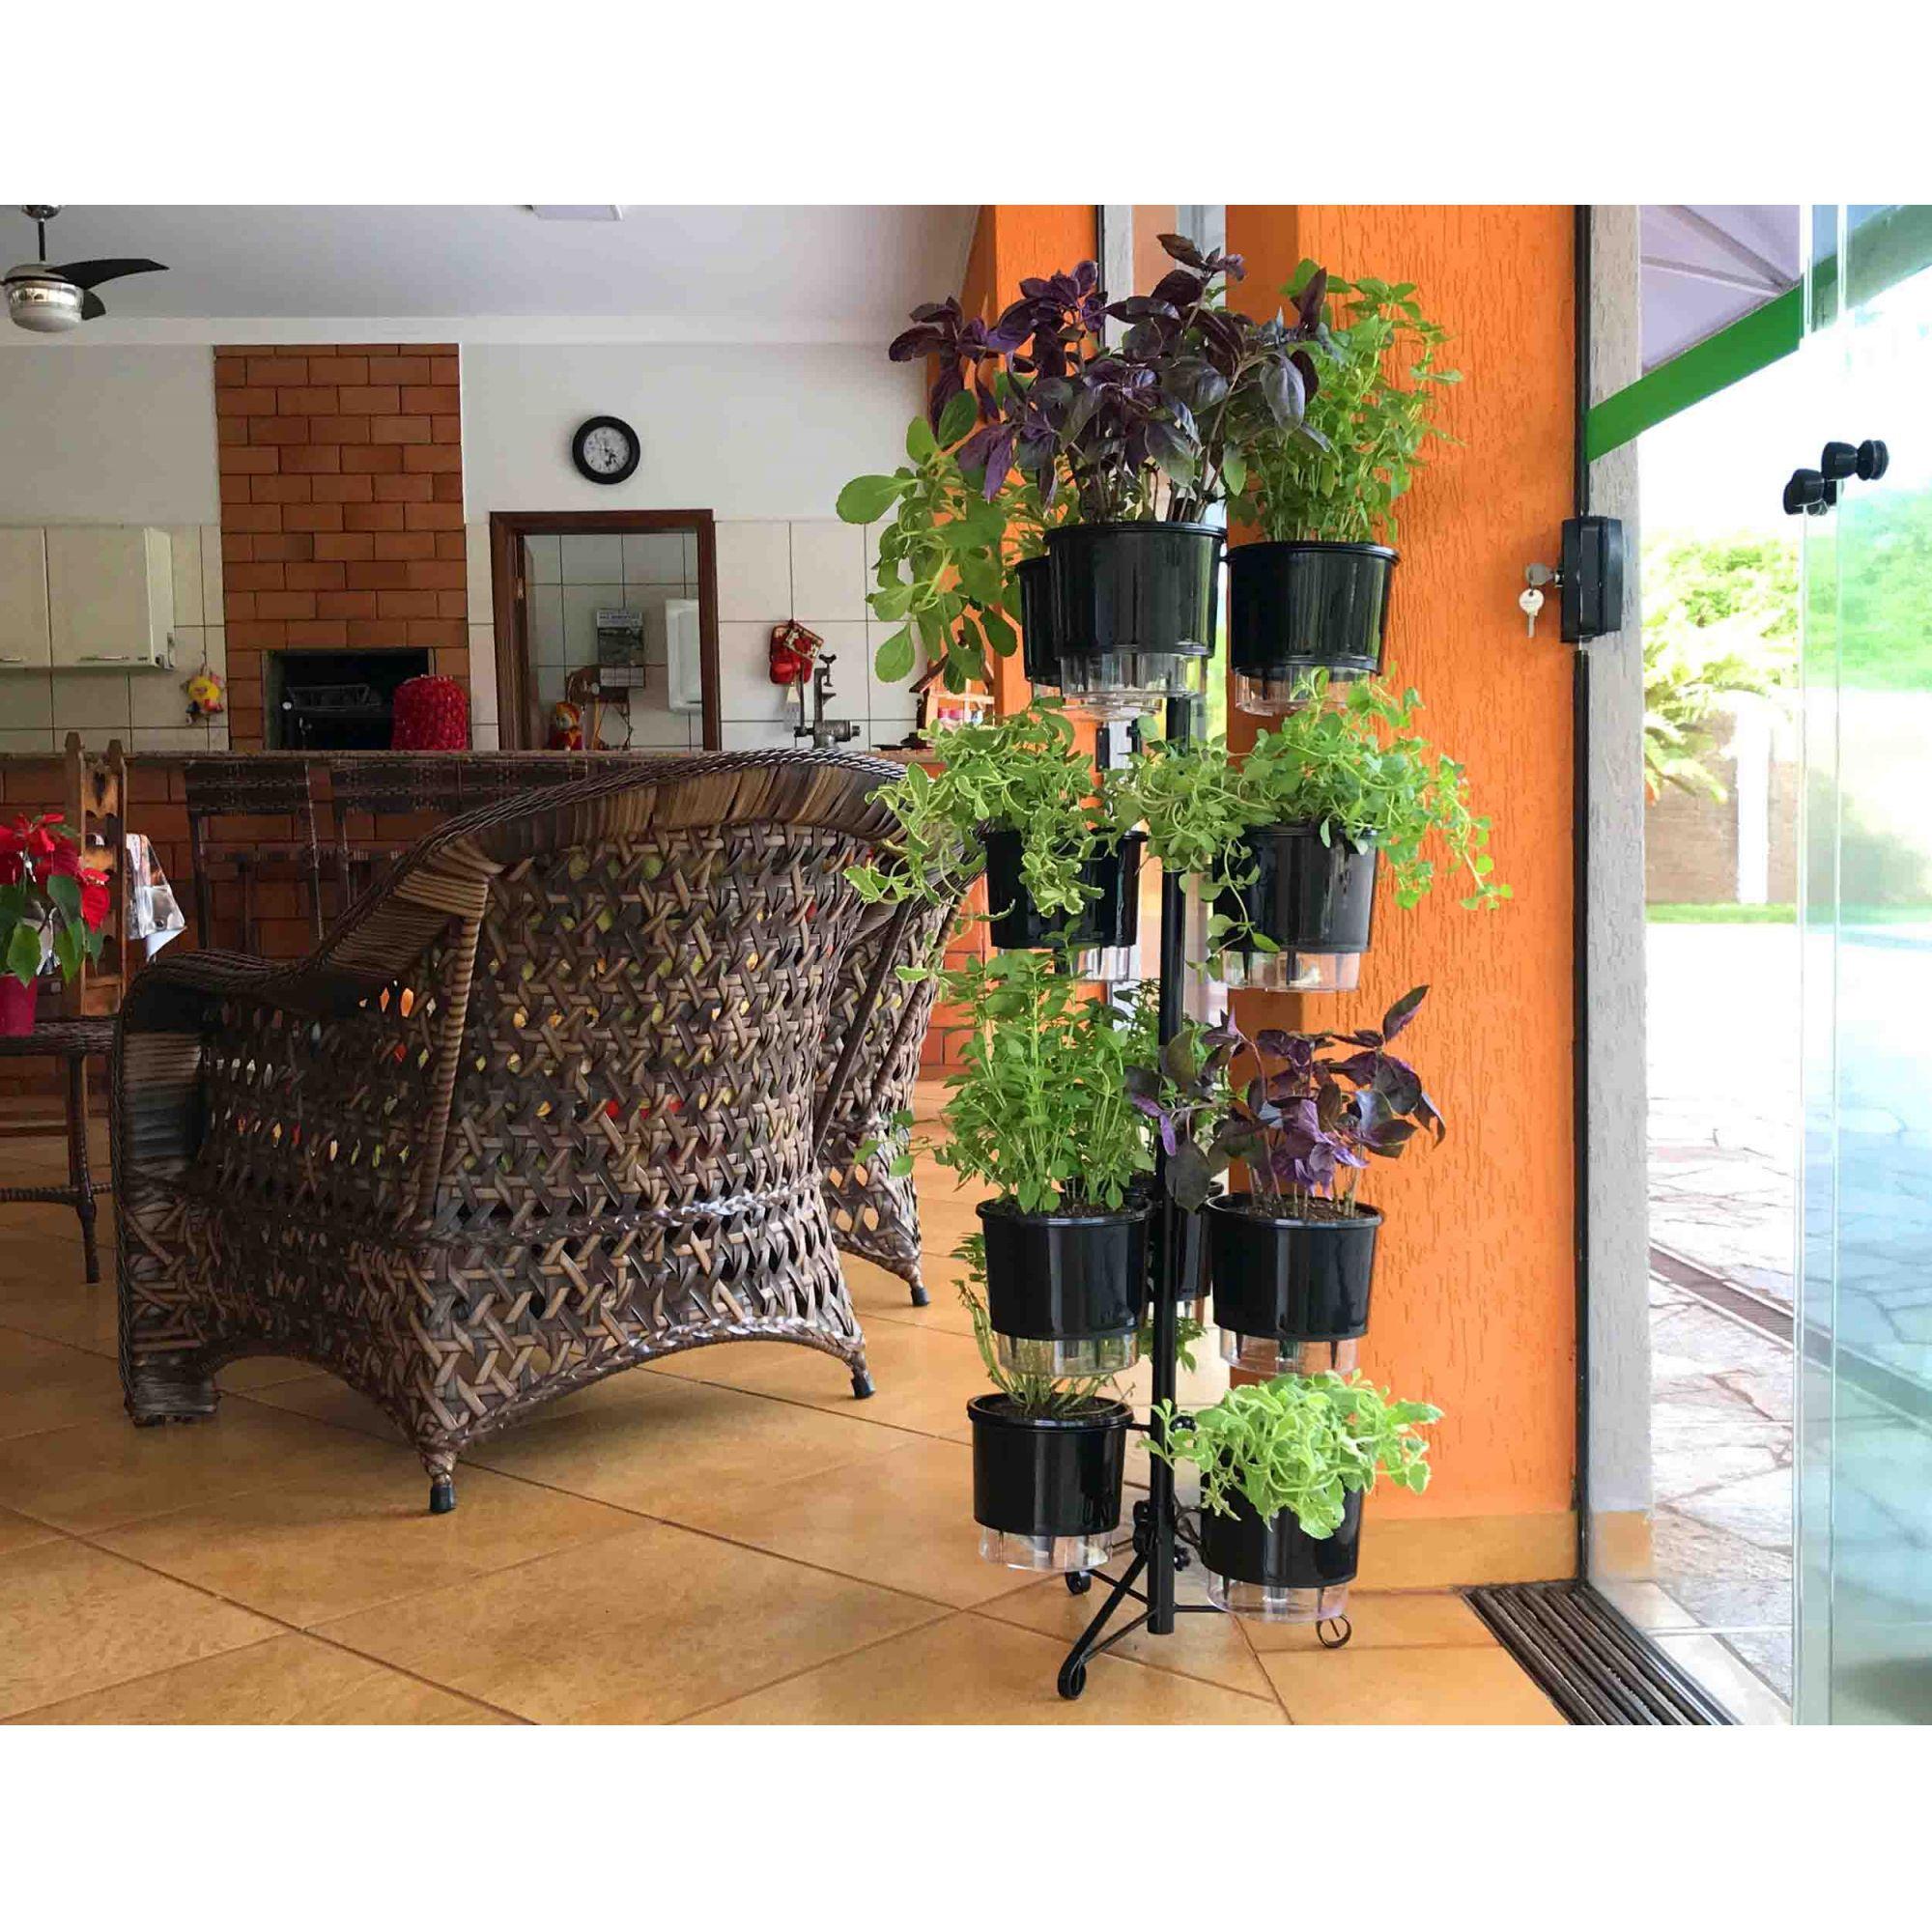 Suporte Preto 2.0 para 10 Vasos Autoirrigáveis Tamanho Médio N03 Raiz (Não acompanha vasos e plantas)